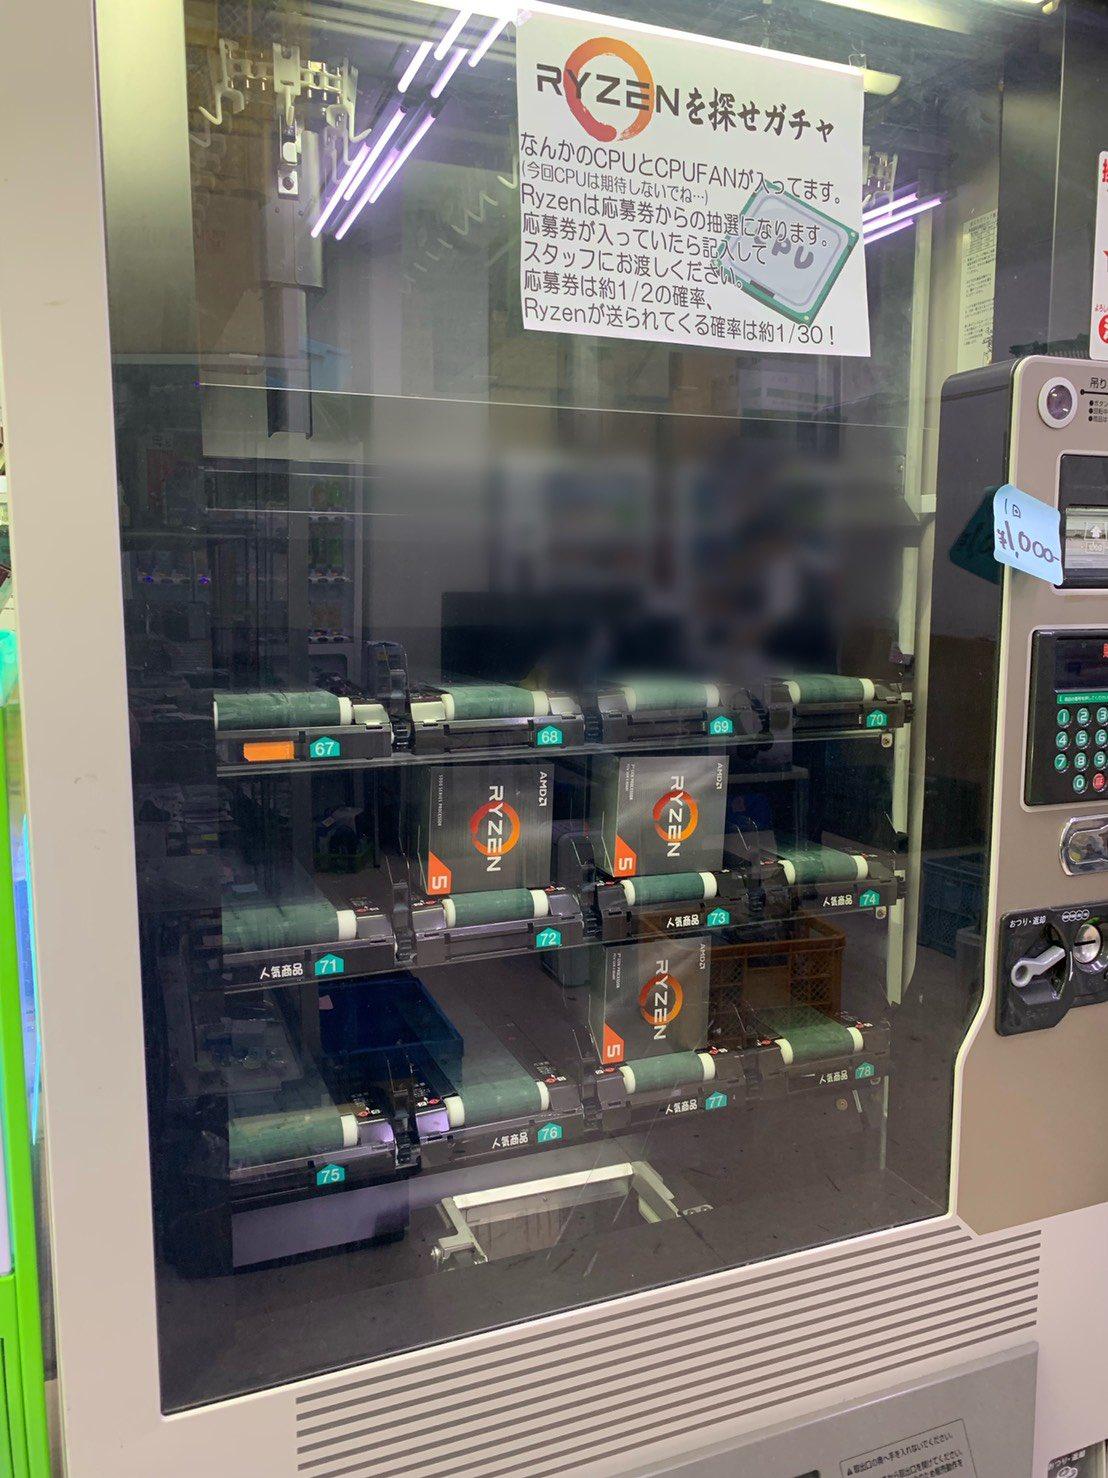 В Японии можно выиграть CPU Ryzen 5000 в лотерейном торговом автомате